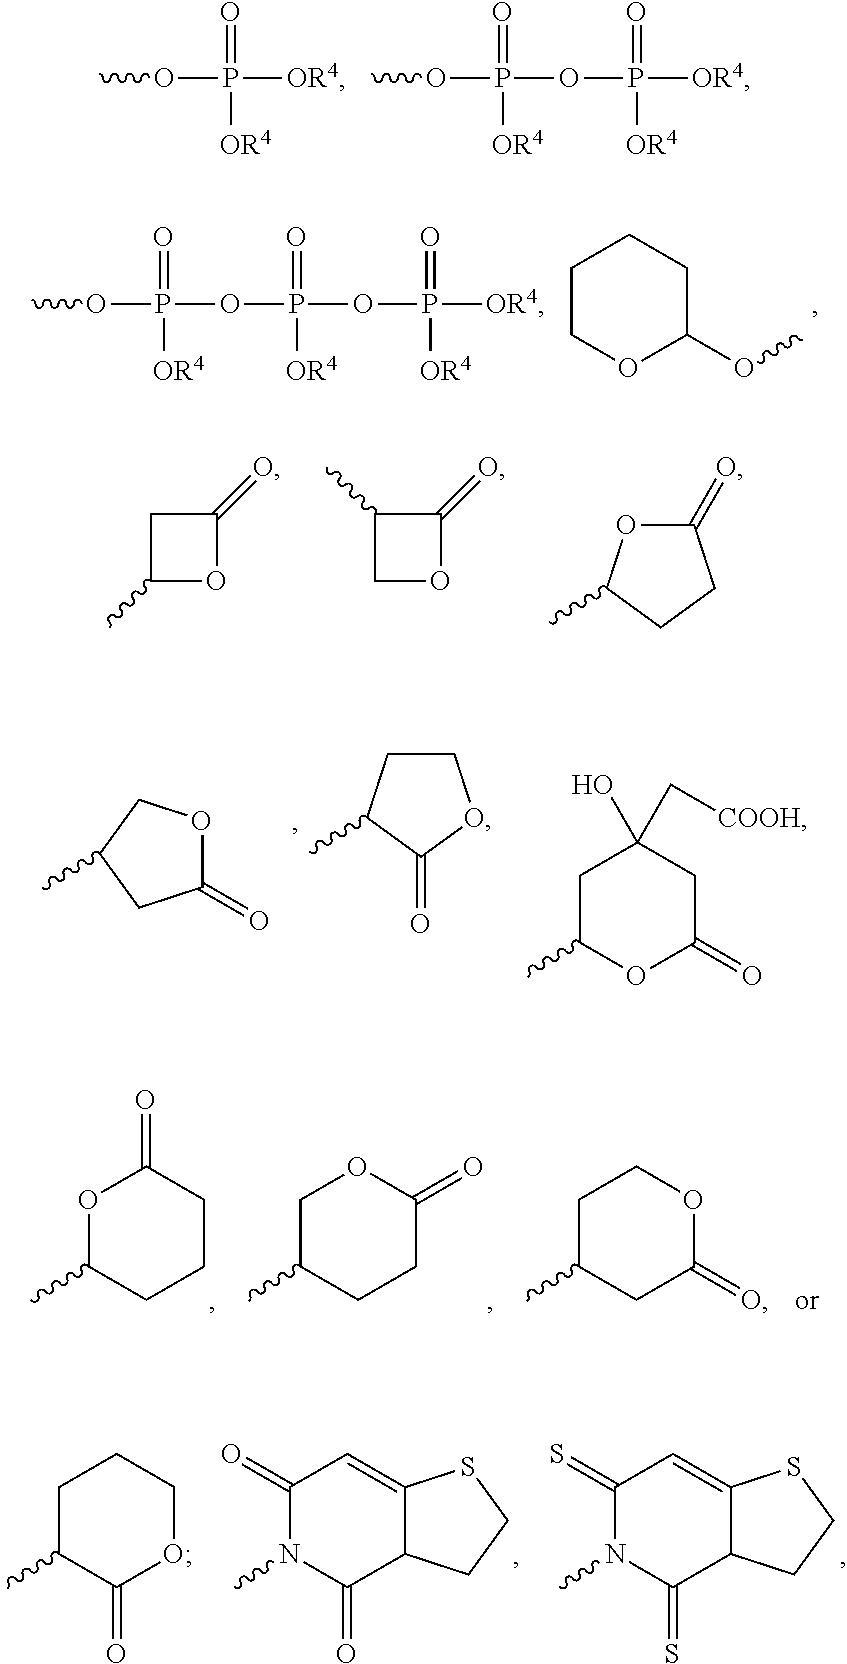 Figure US09662307-20170530-C00011